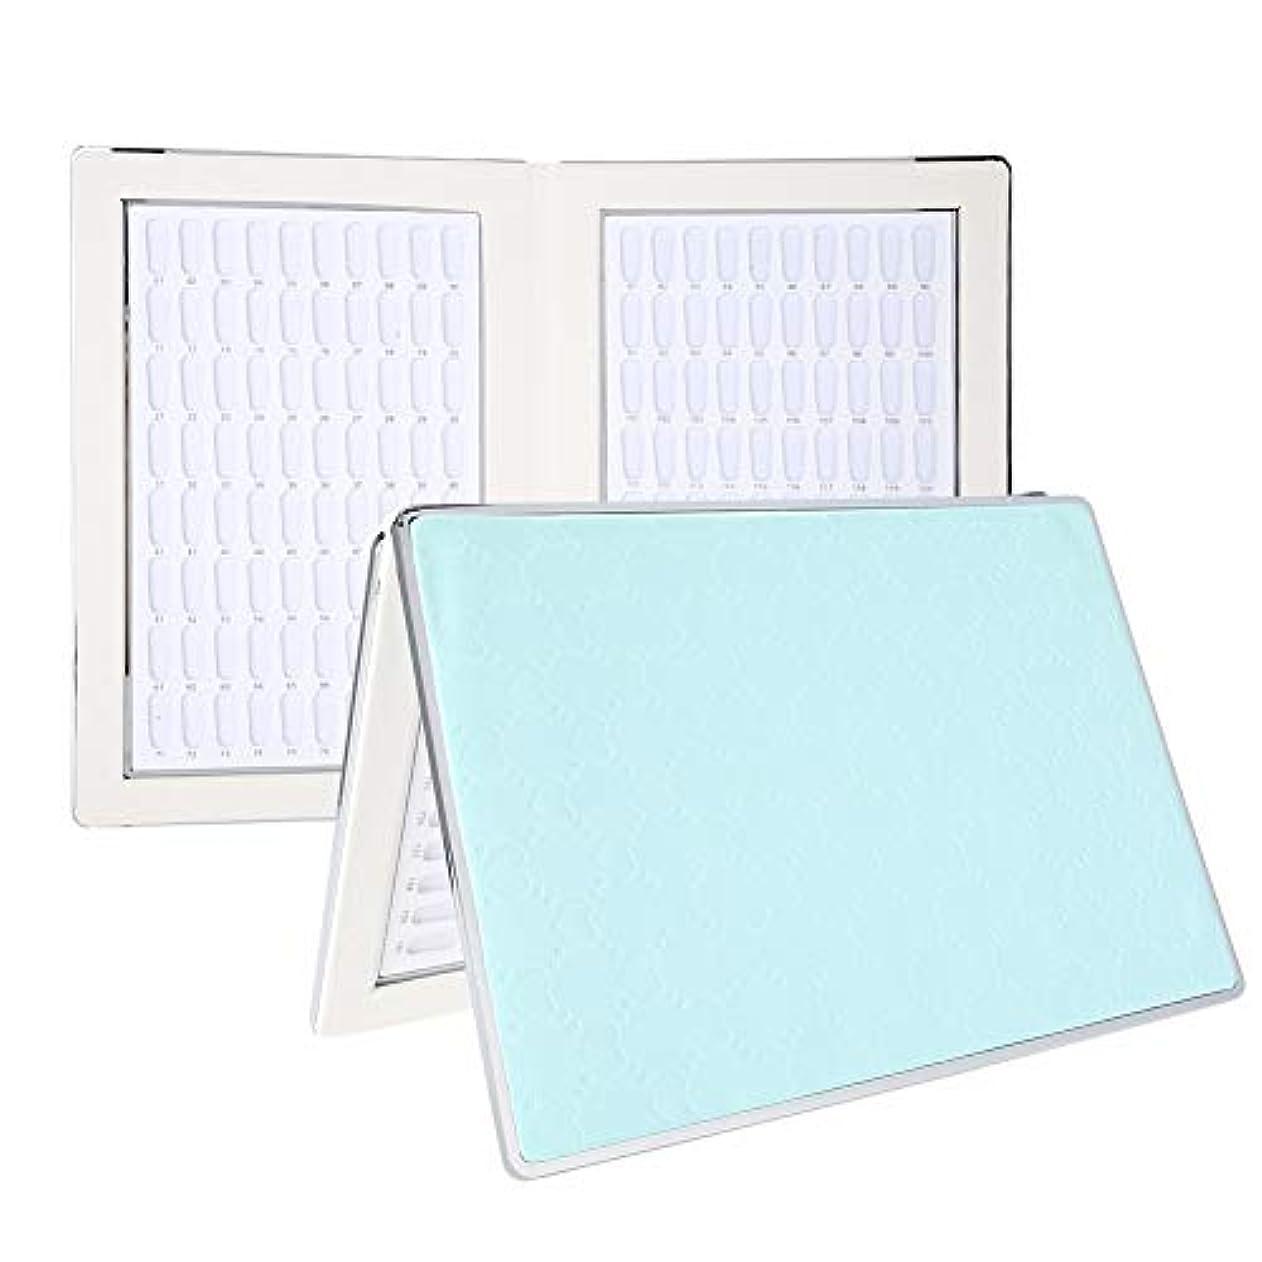 レタスルアーオプショナルネイルアートディスプレイ 160 ディスプレイスタンド アクセサリー プラスチック板 ネイルポリッシュカラー ディスプレイ サロン (2)